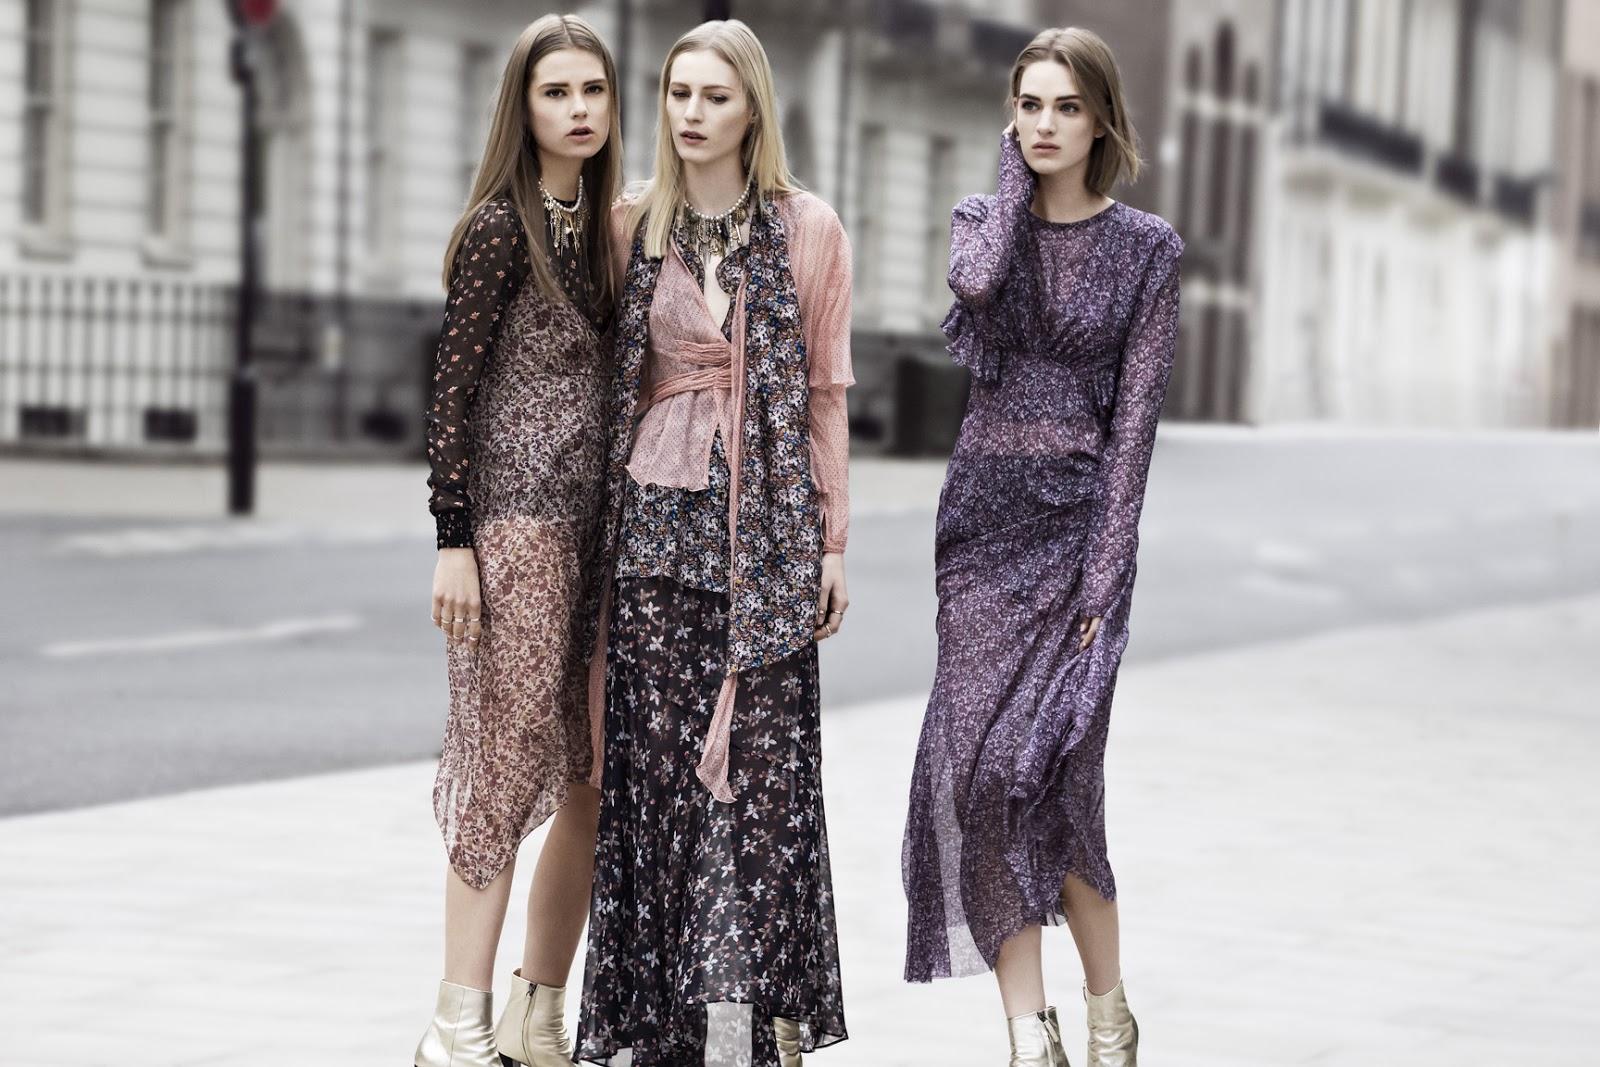 Cositas monas nueva colecci n zara woman for Zara nueva coleccion